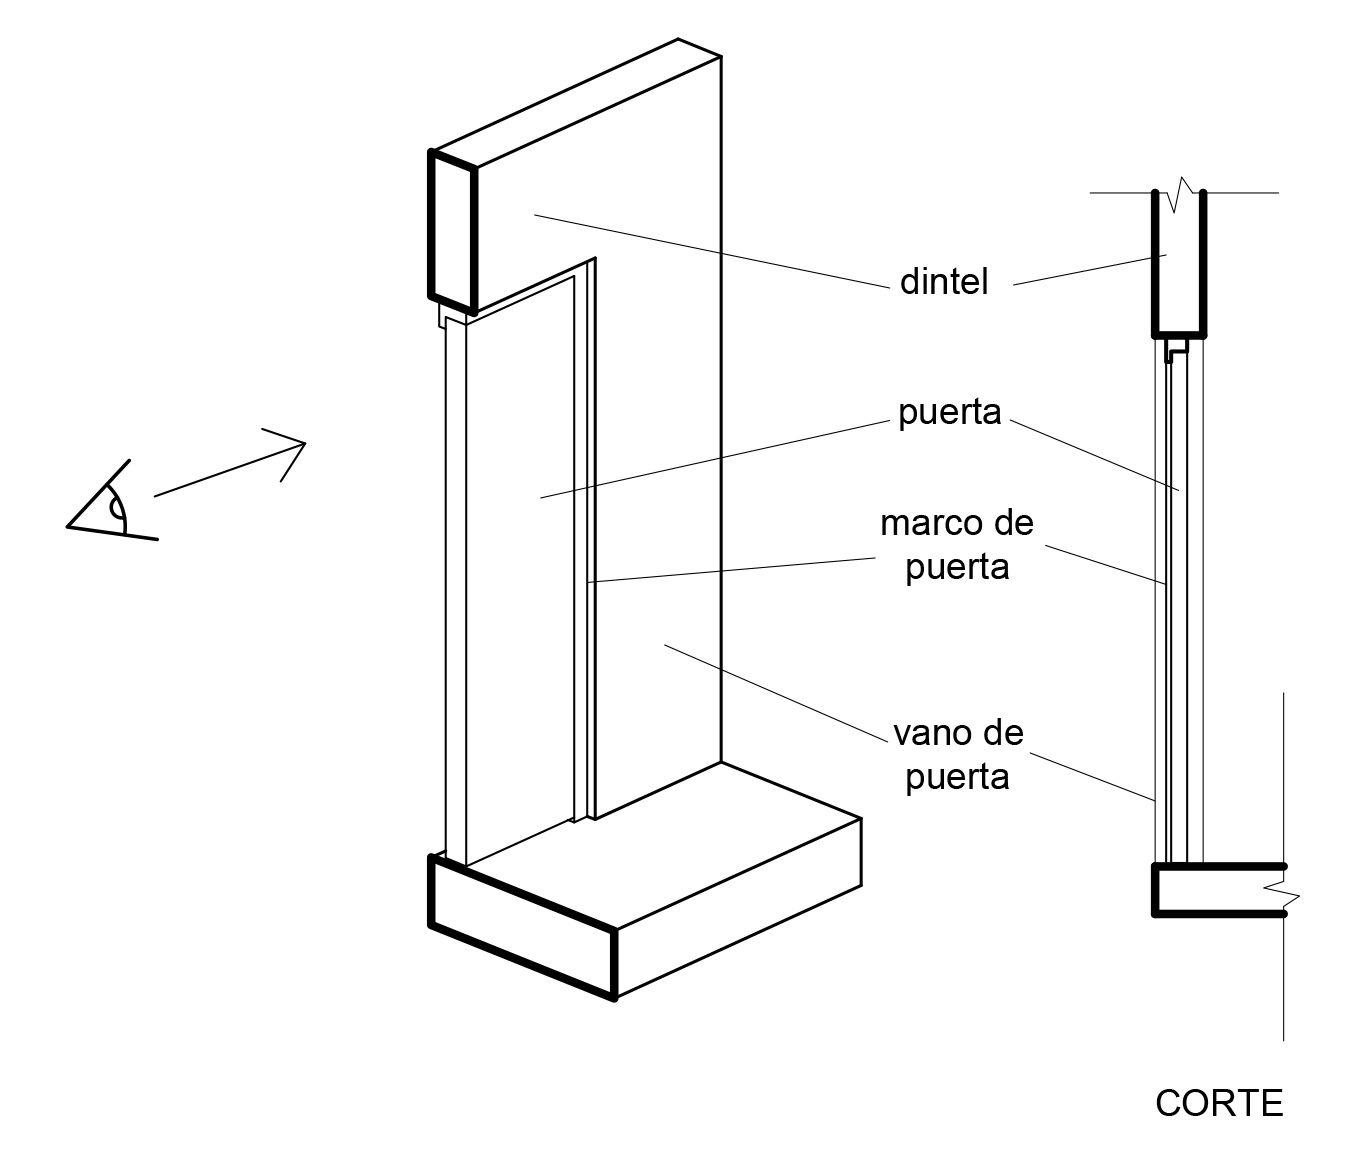 Planimetr a representaci n en planos de muros puertas y - Vano arquitectura ...